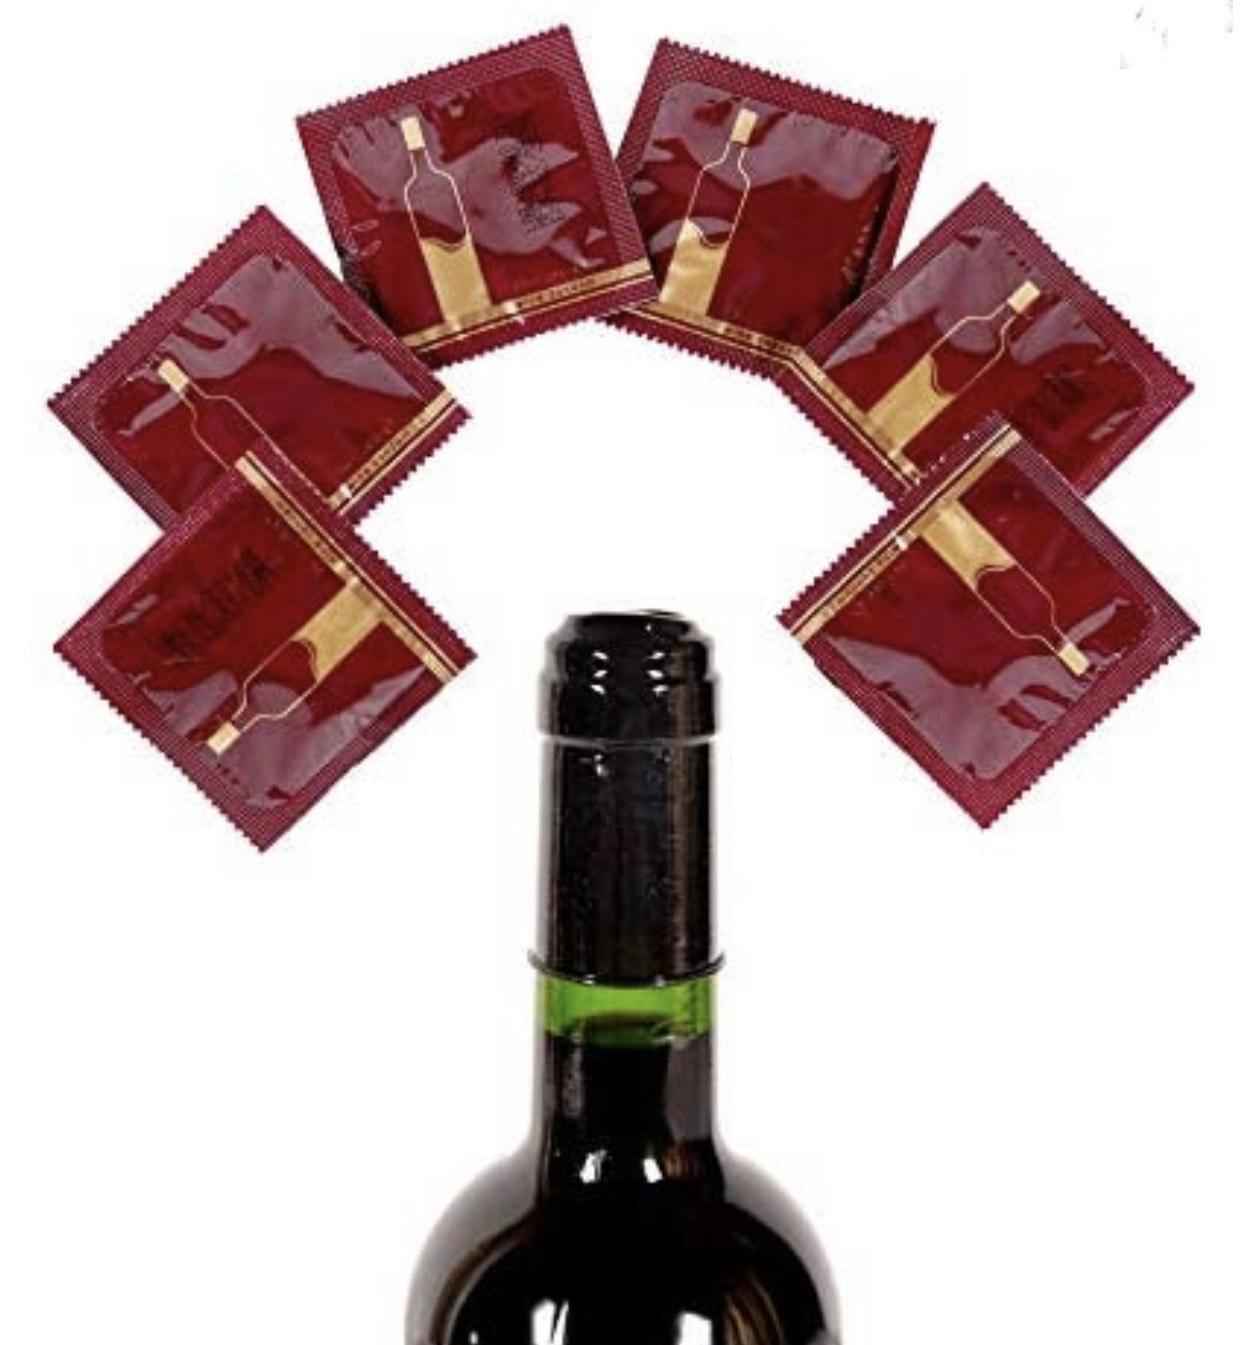 Lot de 6 Préservatifs Posuri pour Bouteilles de Vin (Via Coupon - Frais de Livraison Inclus - Vendeur TIers)